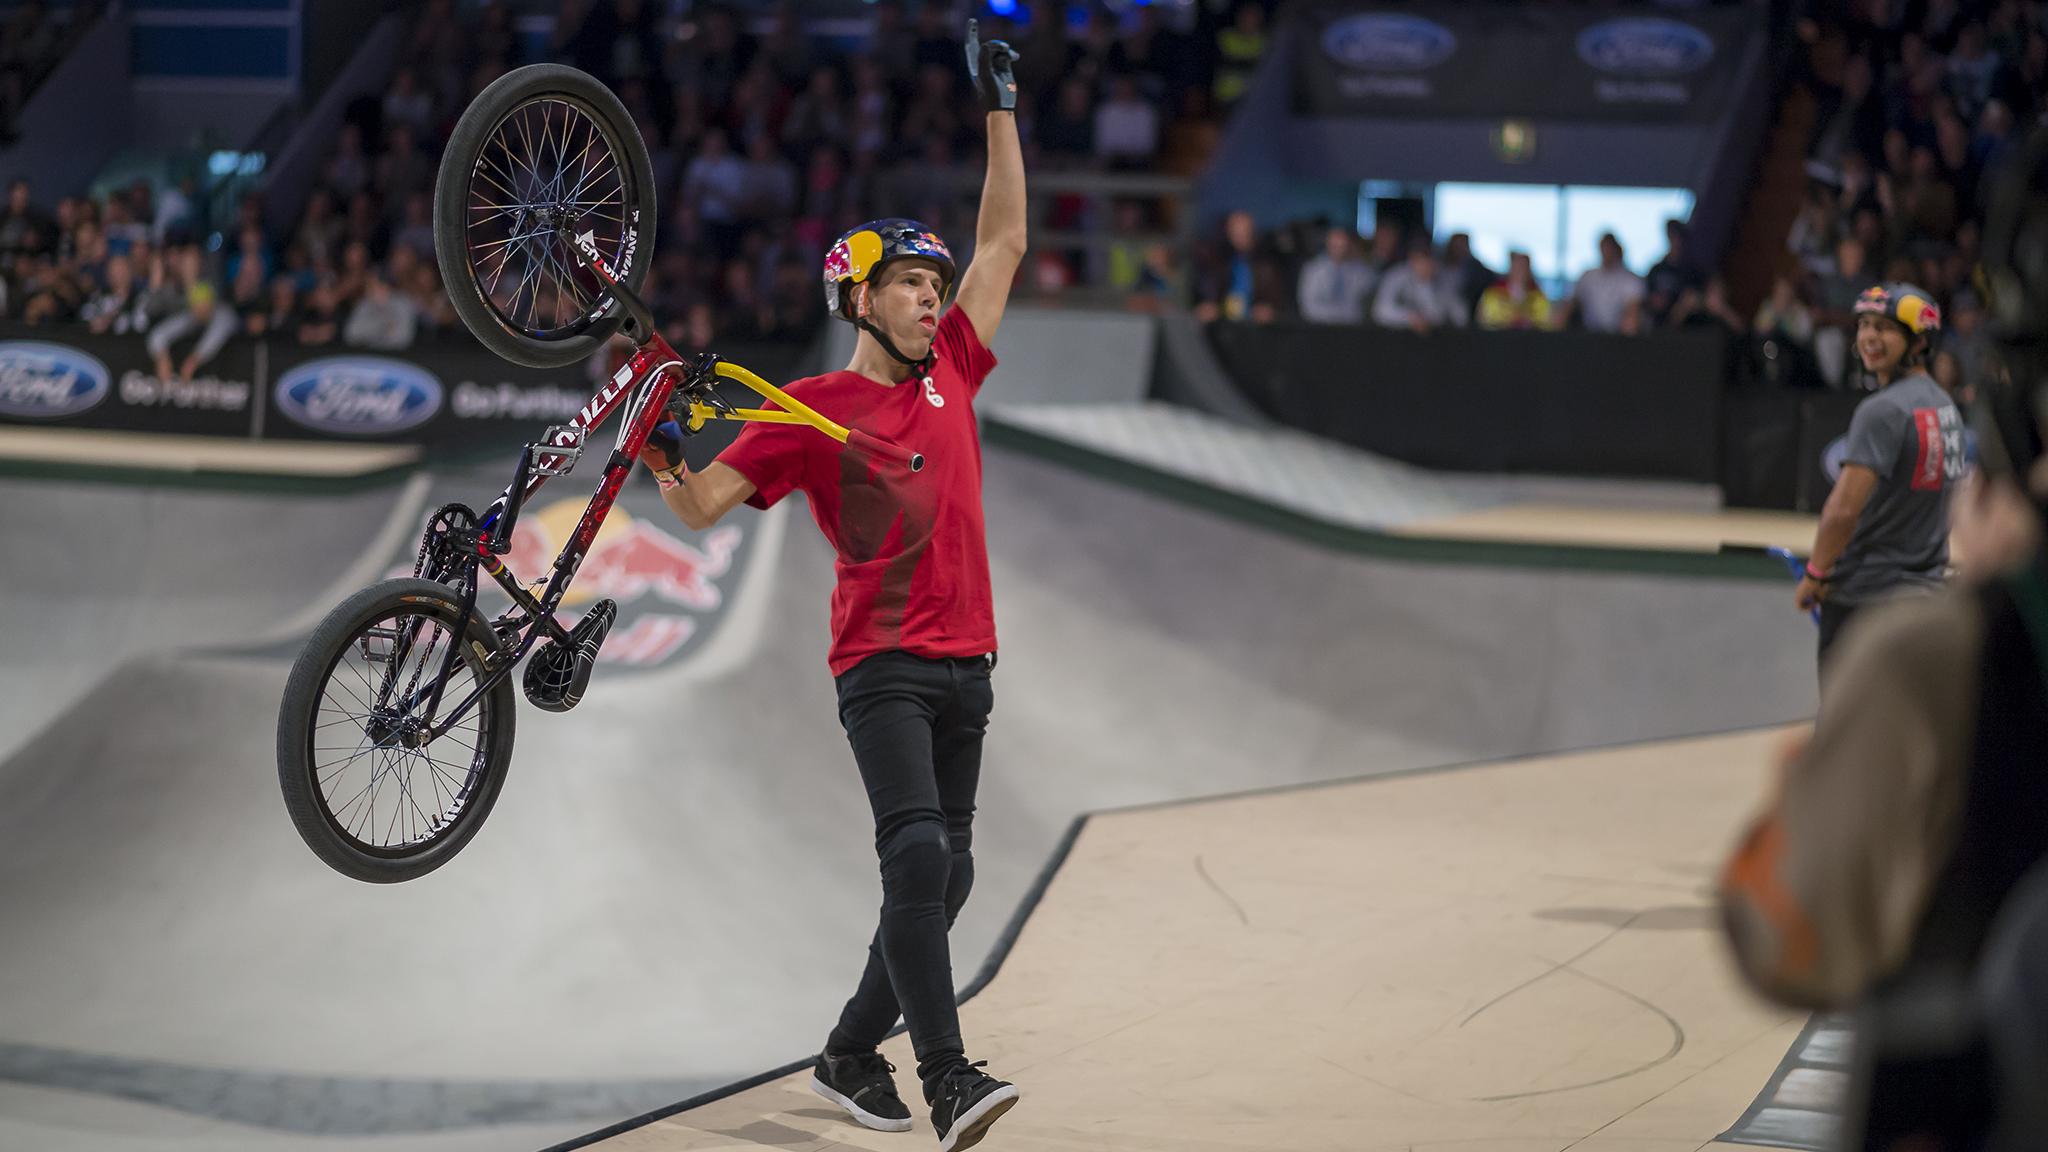 Daniel Dhers wins BMX Park